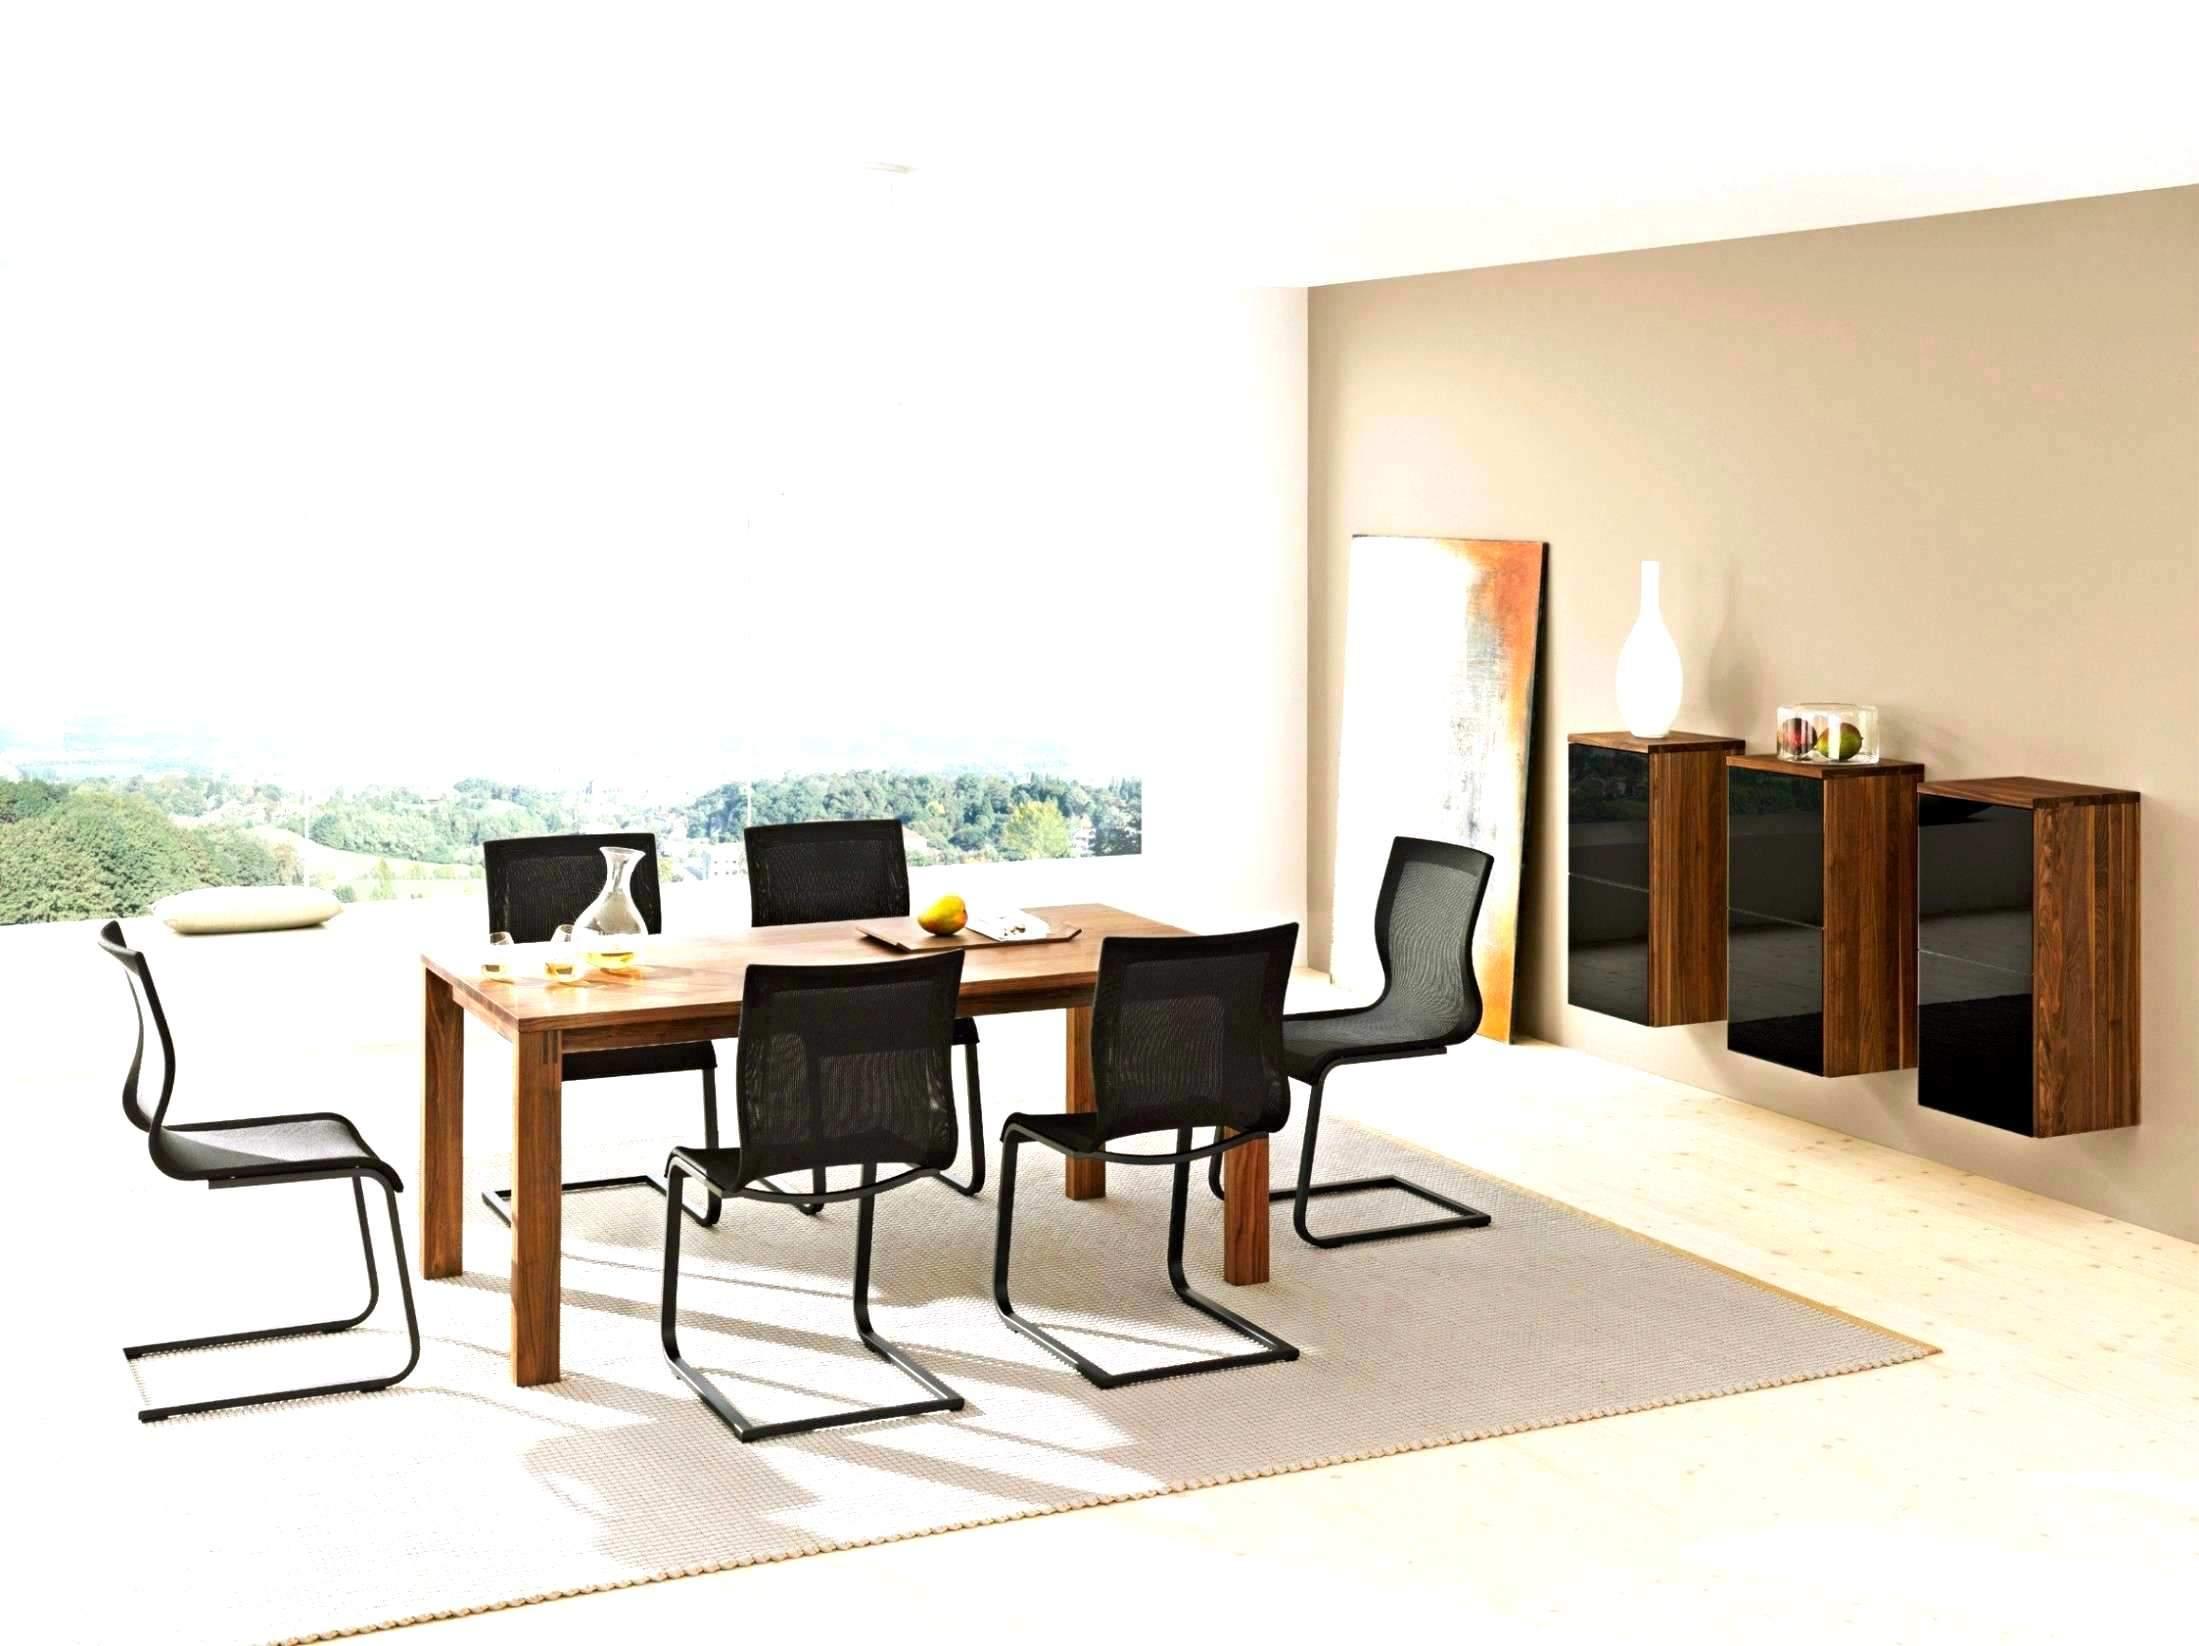 wohnzimmer deko online shop inspirierend 30 frisch deko line shop inspirierend of wohnzimmer deko online shop